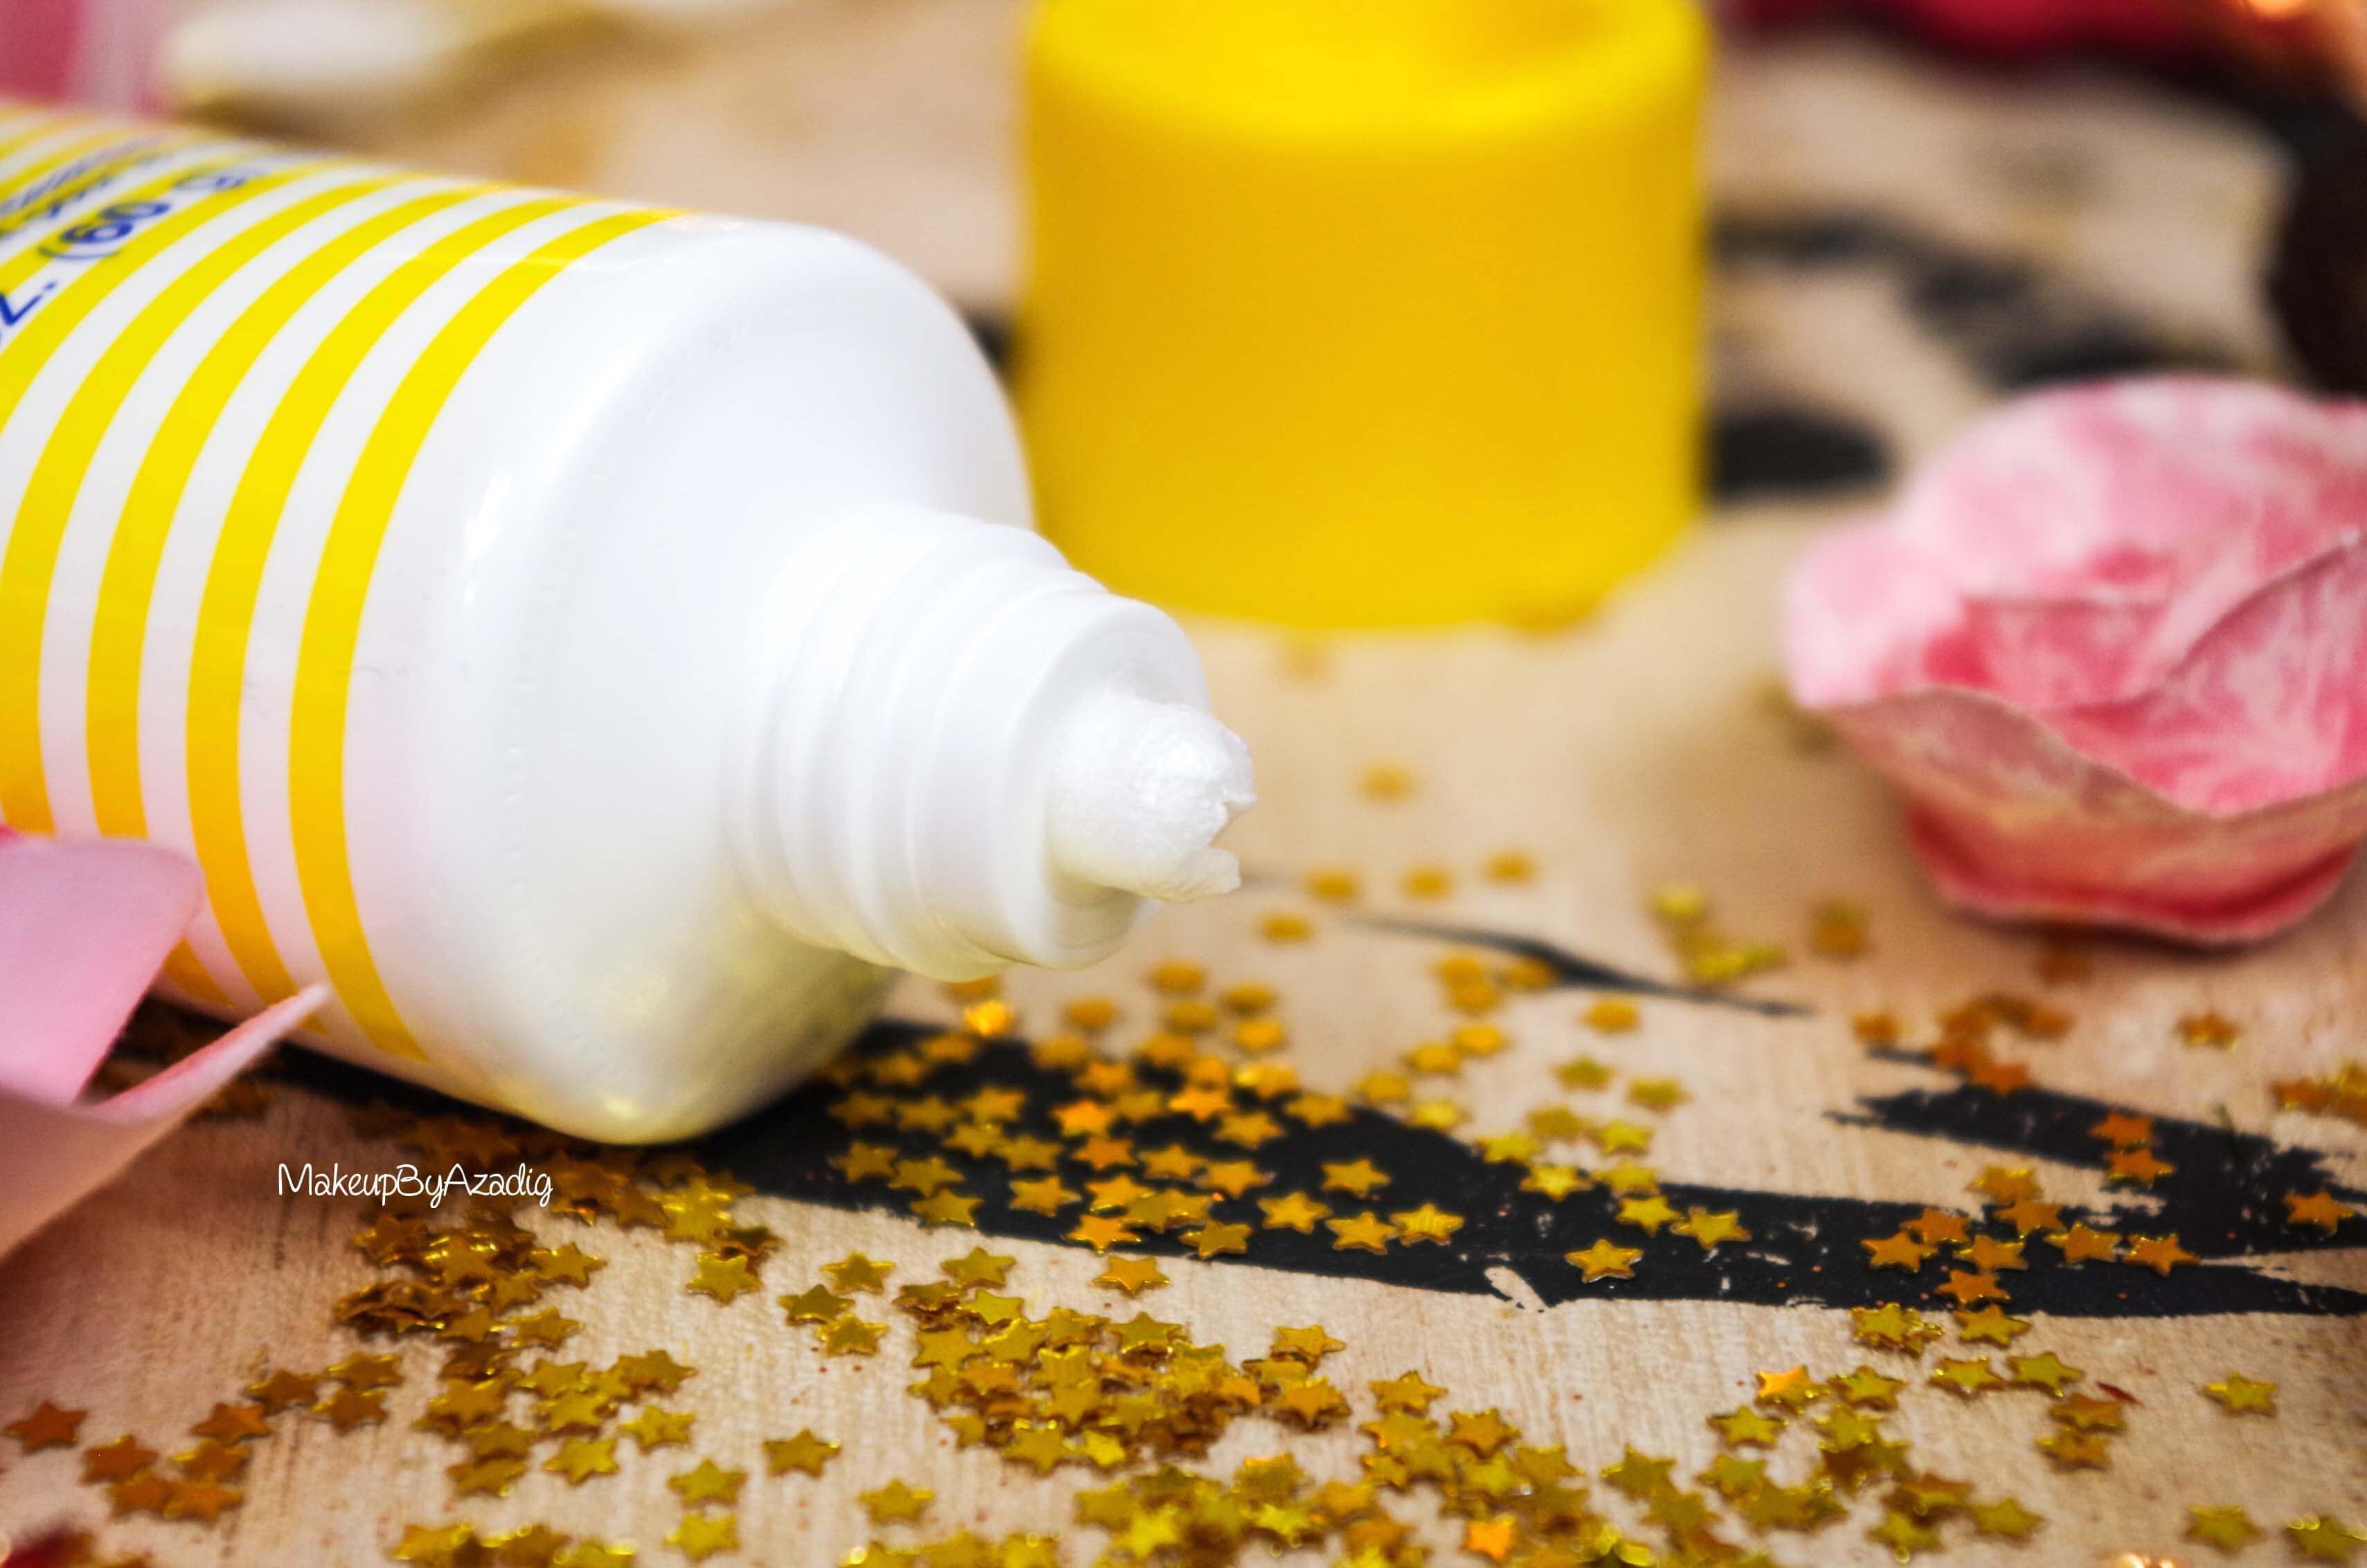 revue-review-cleansing-foam-creme-nettoyante-dhc-monoprix-parapharmacie-prix-avis-makeupbyazadig-visage